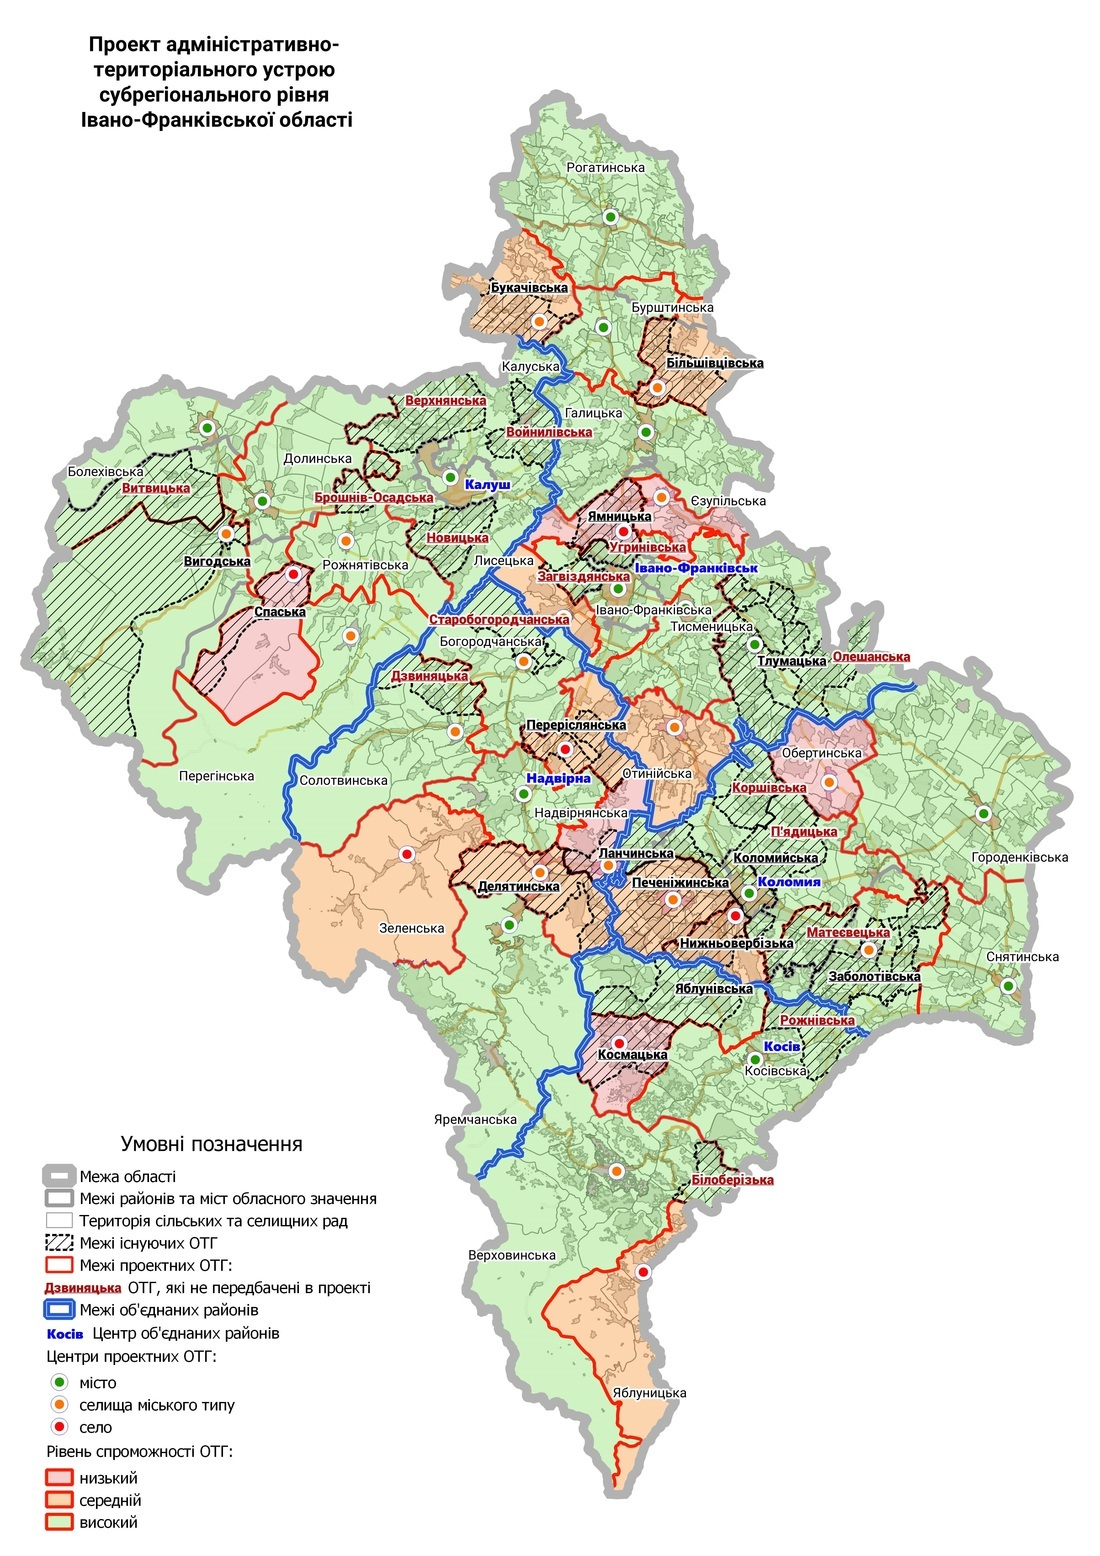 У Мінрегіоні розглядають варіанти поділу Франківщини на 3, 4 або 5 районів. Проєкти 2